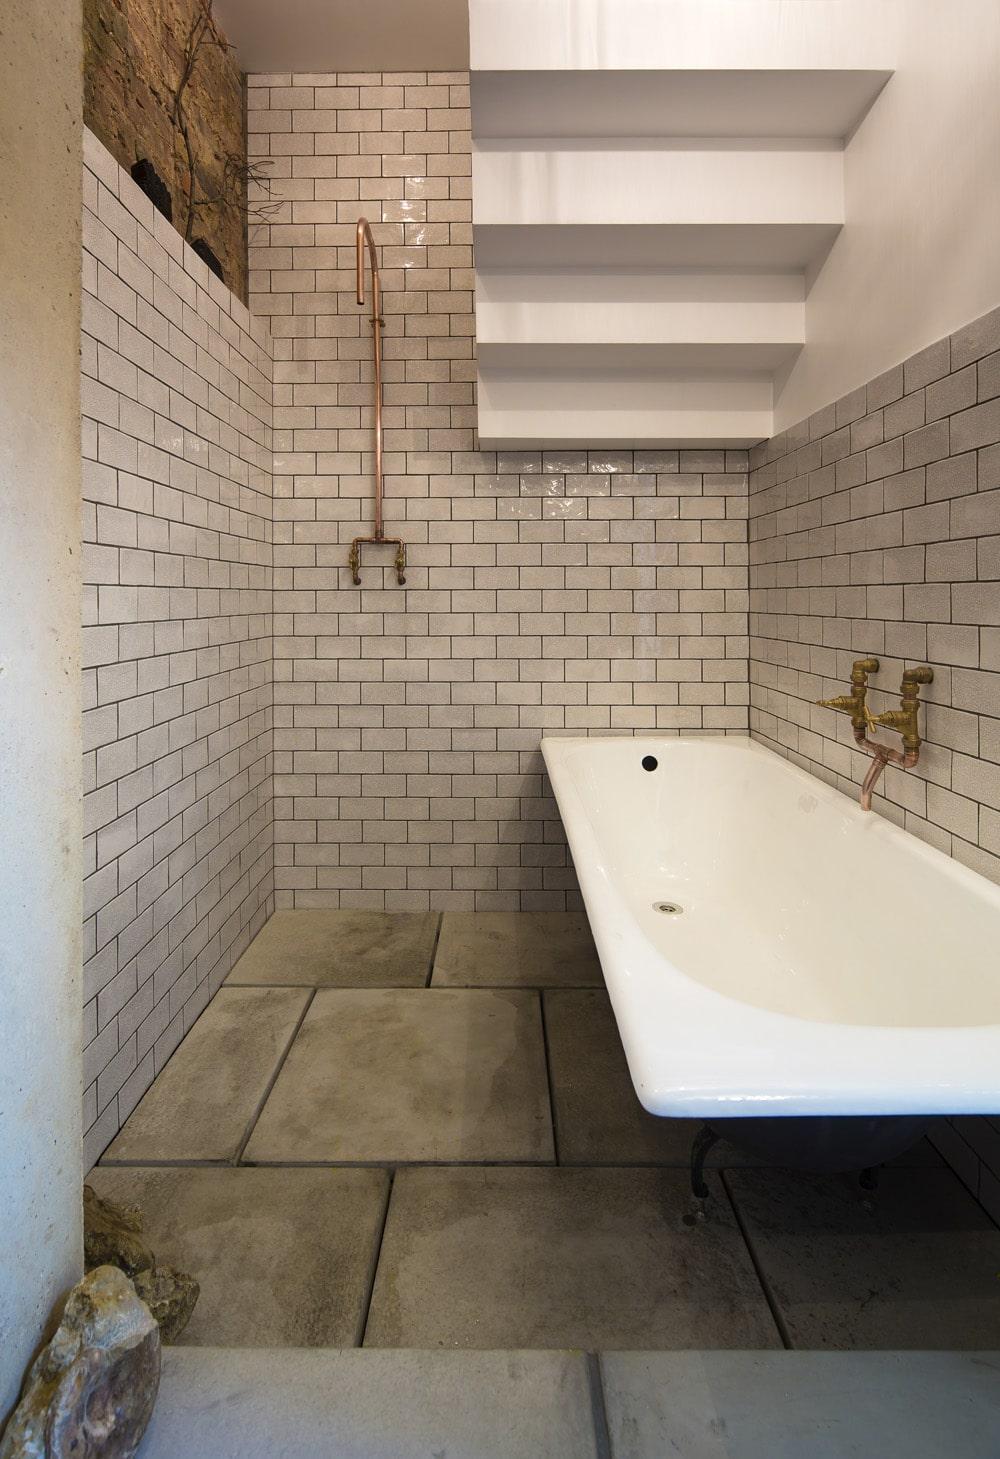 Griferia Para Baño Rustico:Industrial Bathroom Shower